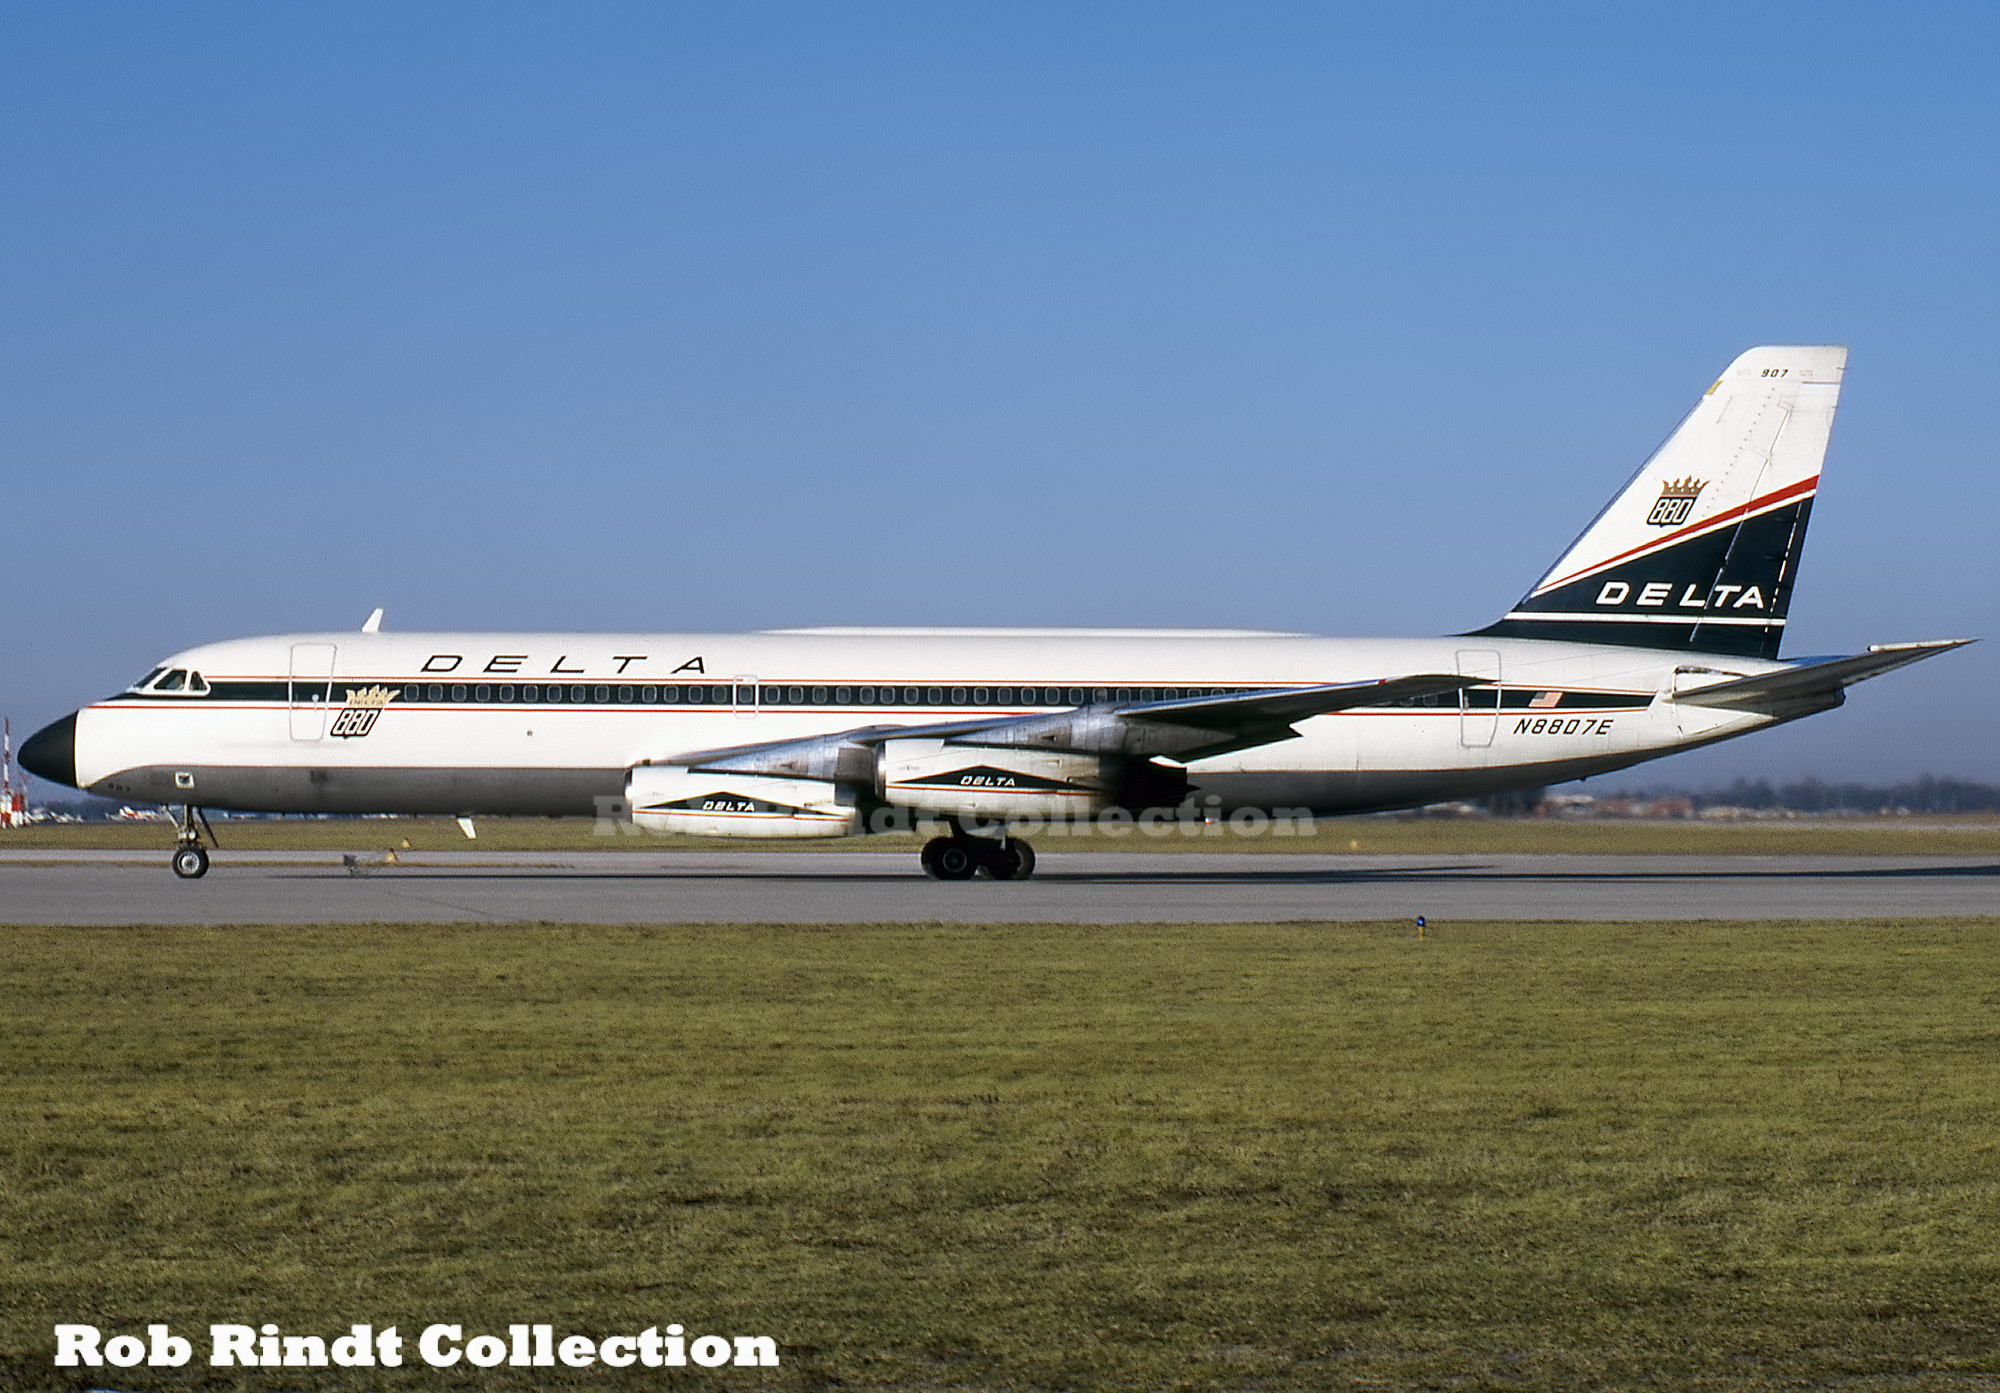 Delta Air Lines Convair 880-22 N8807E